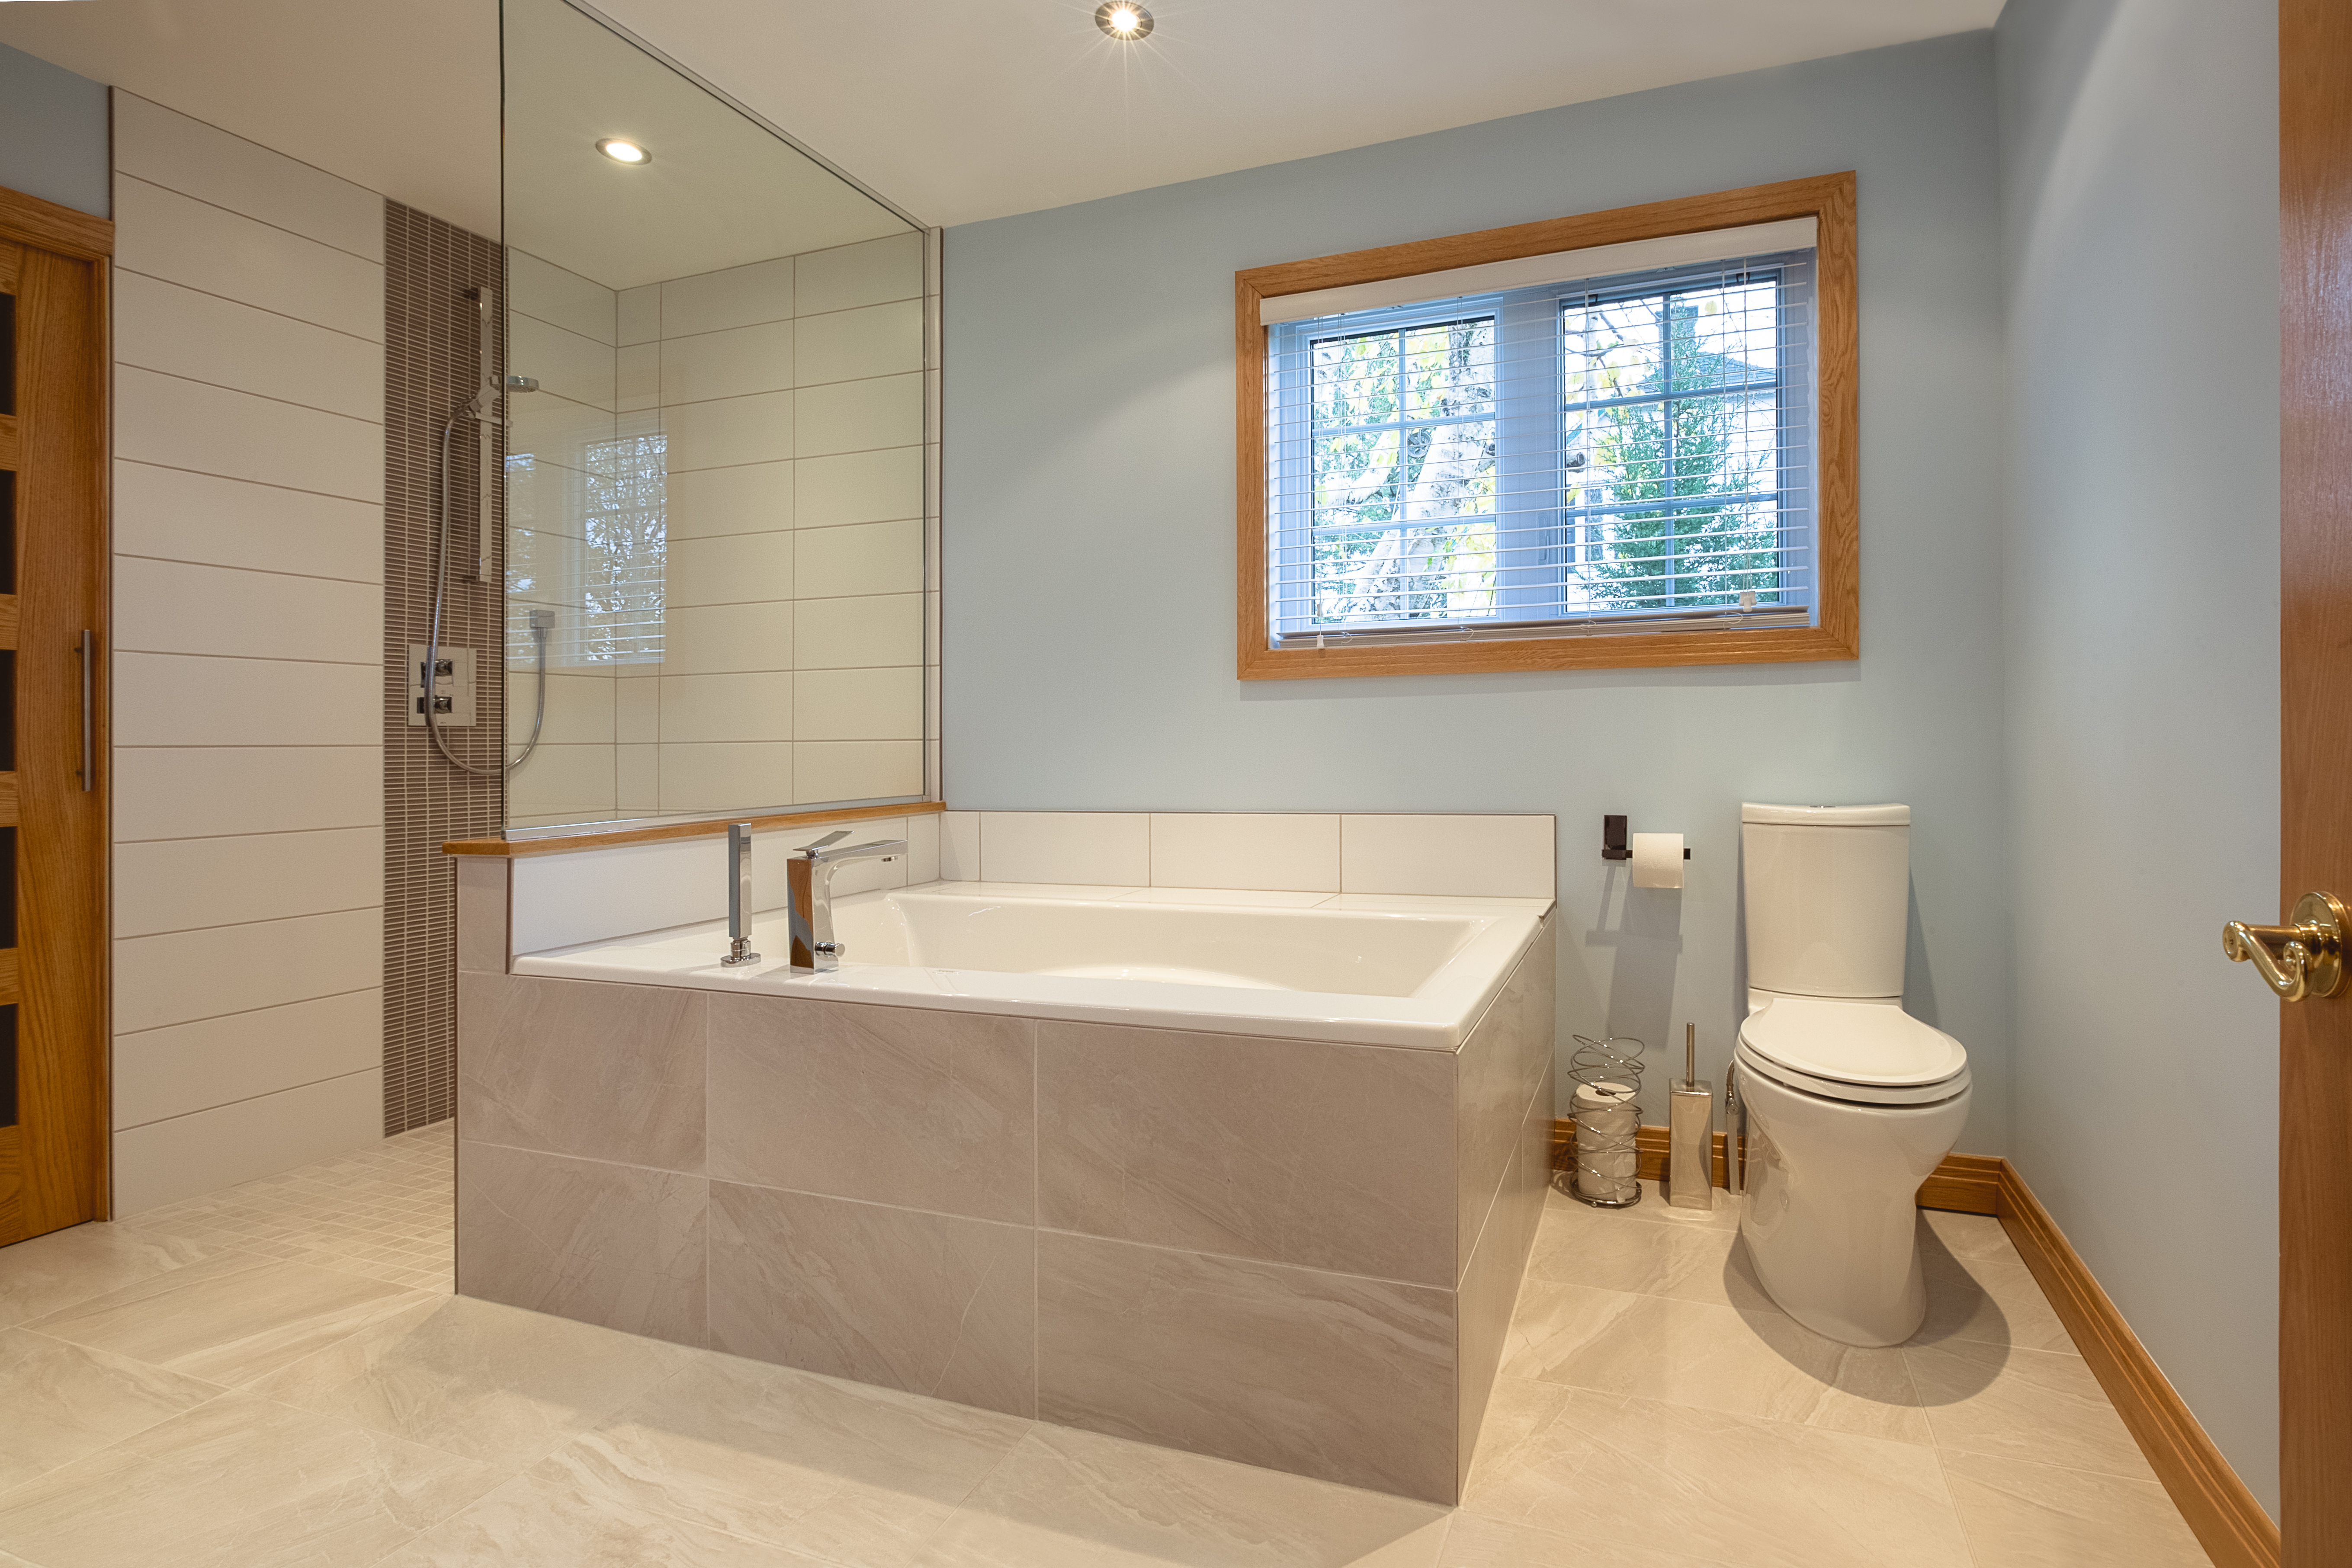 Salle de bain espace idesign design d 39 int rieur par for Cout salle de bain renovation